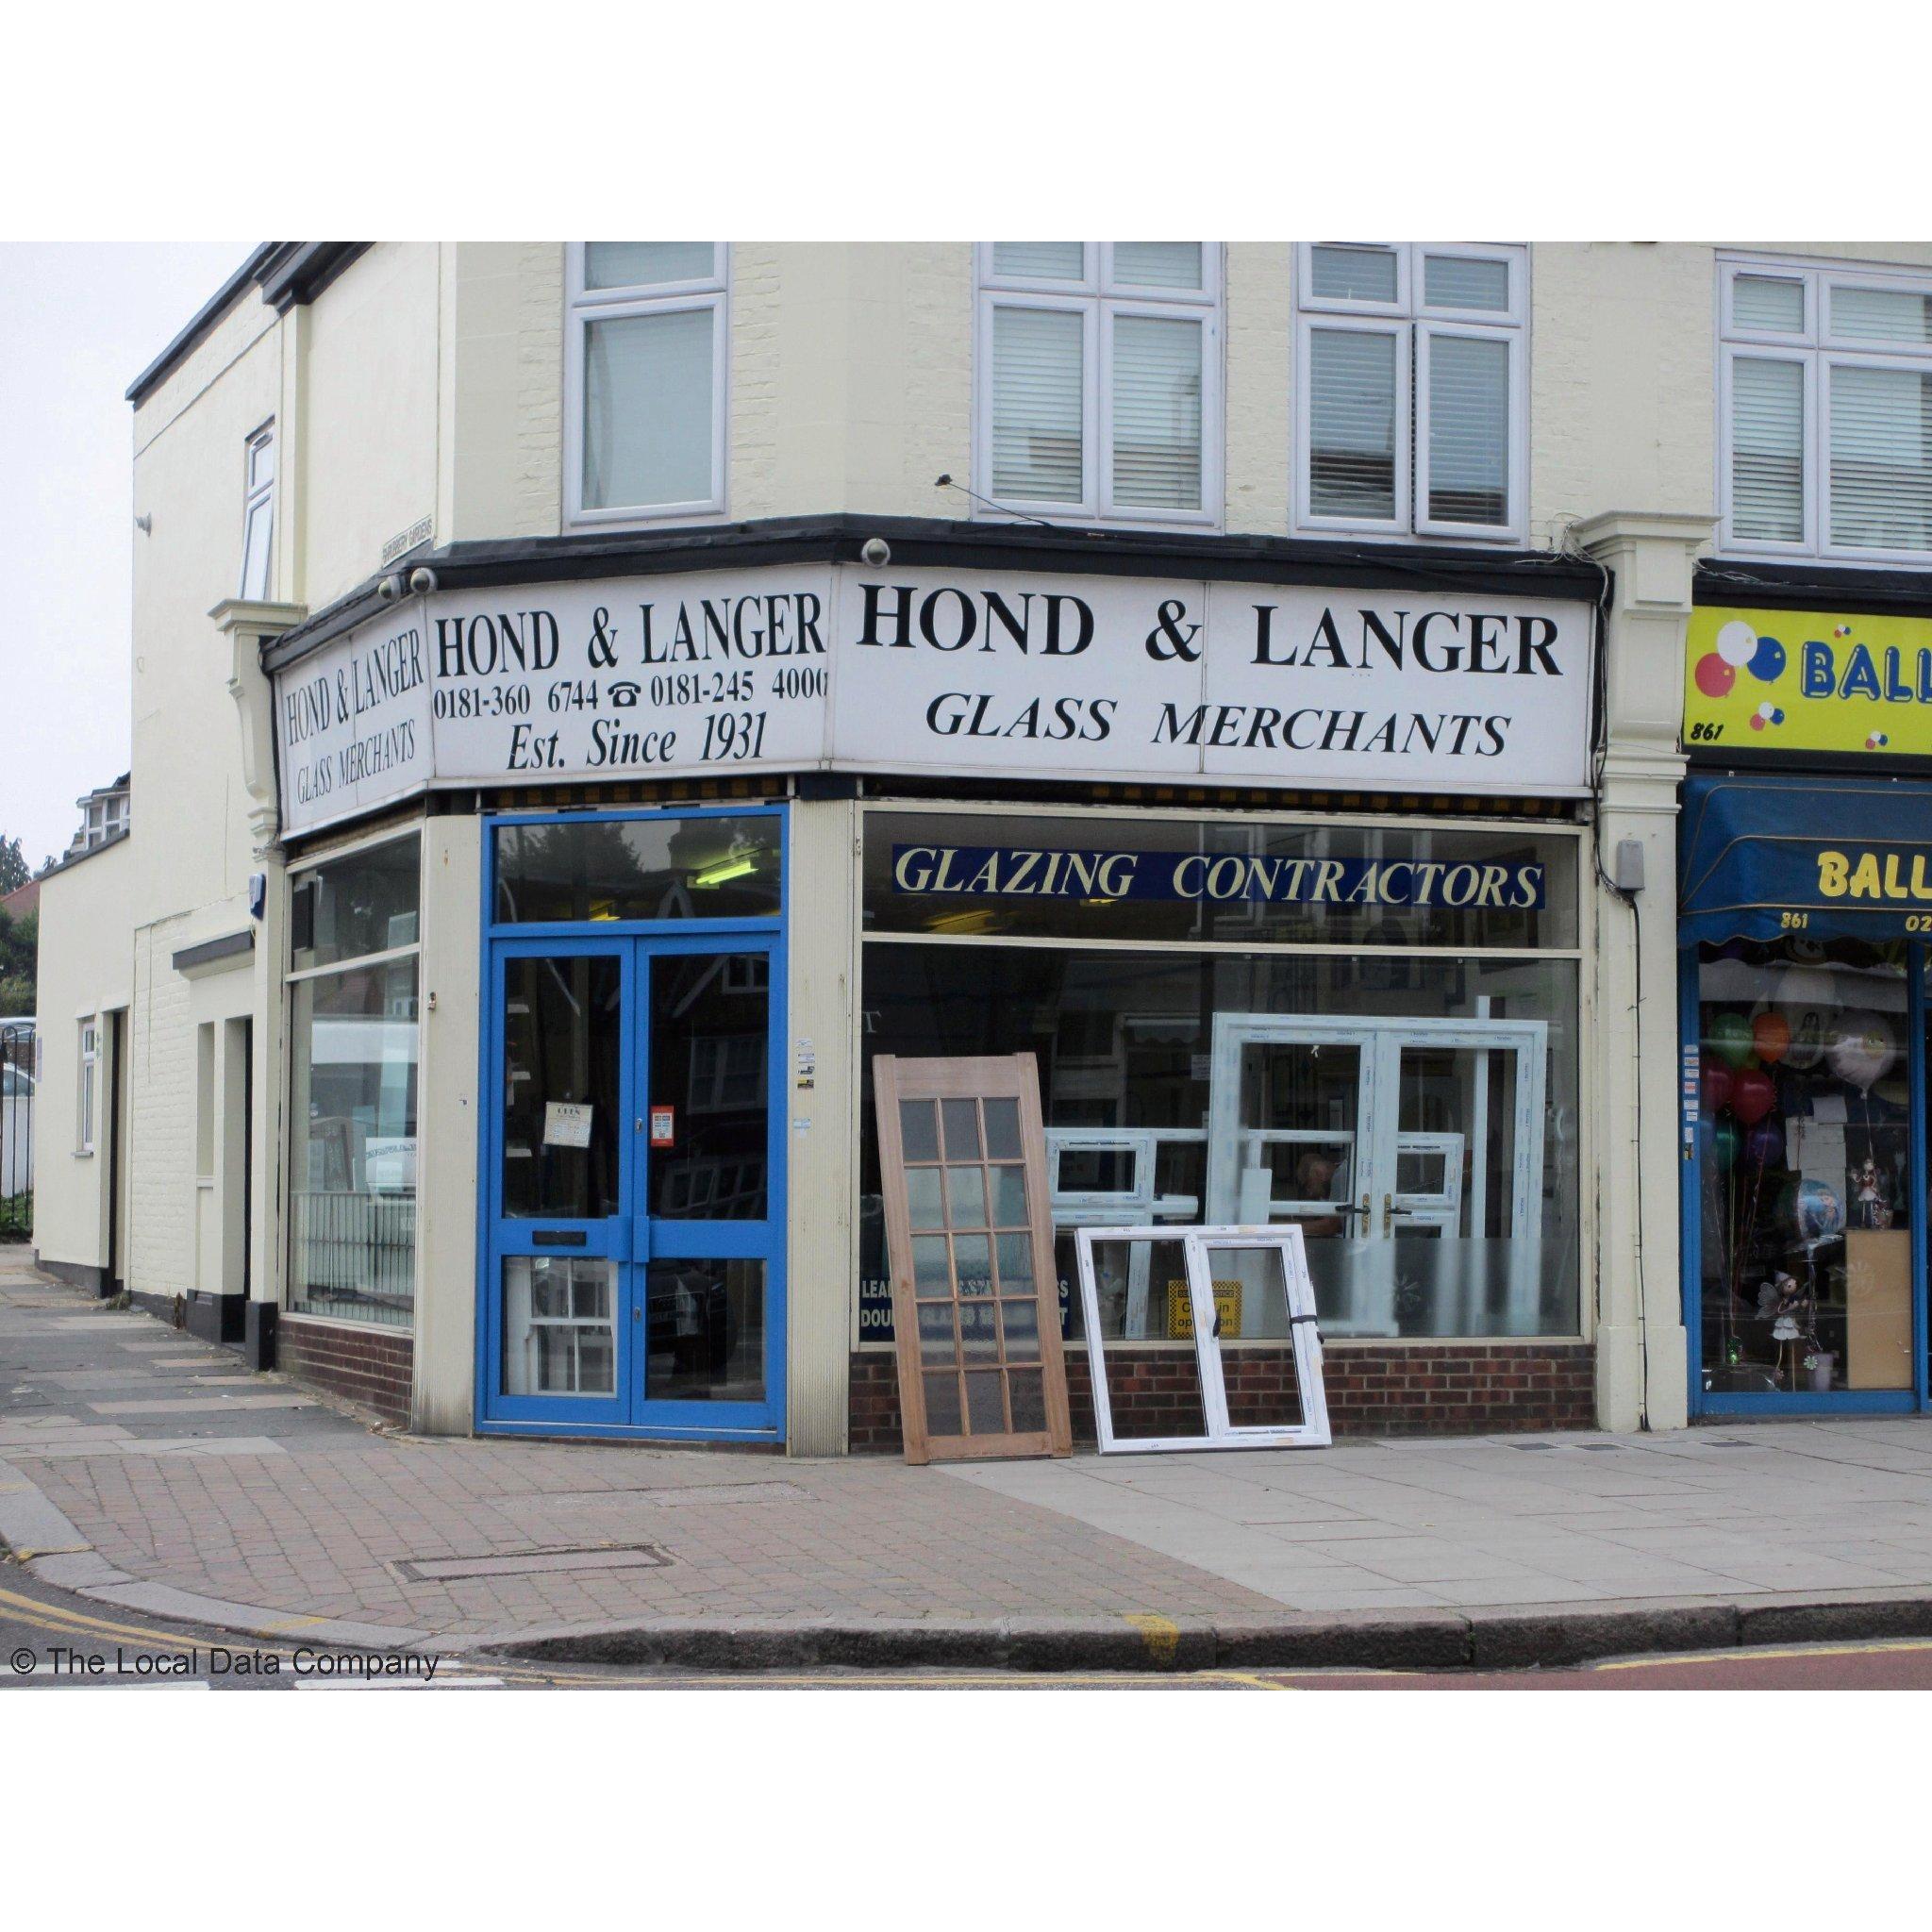 Hond & Langer (Aa) Ltd